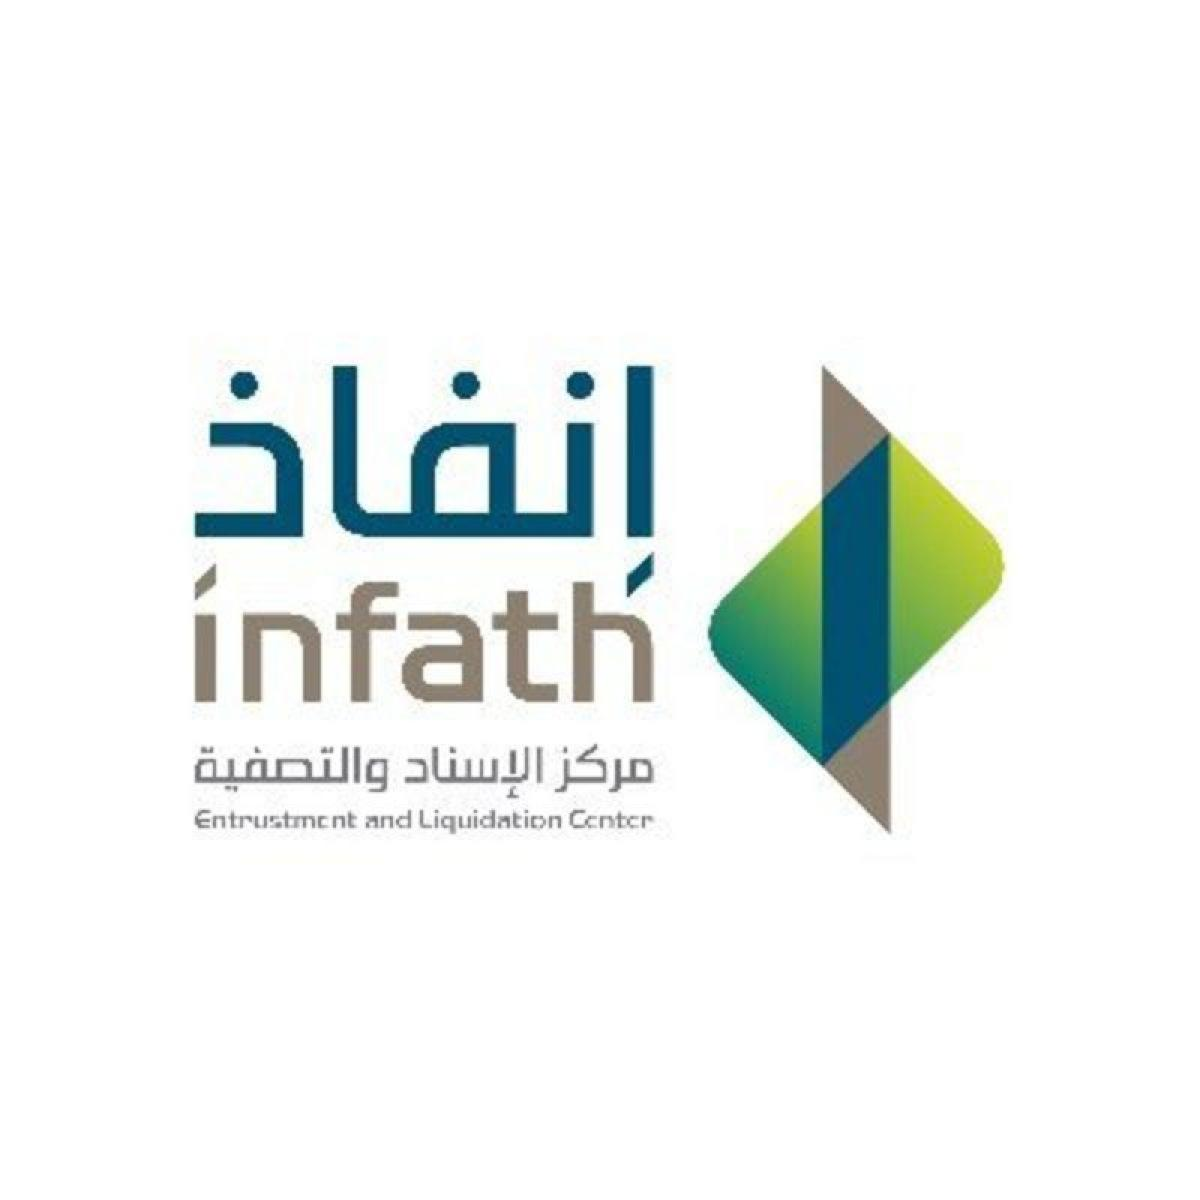 """إنفاذ"""" يشرف على تصفية عقارات بمساحة 50 ألف م2 في جدة"""